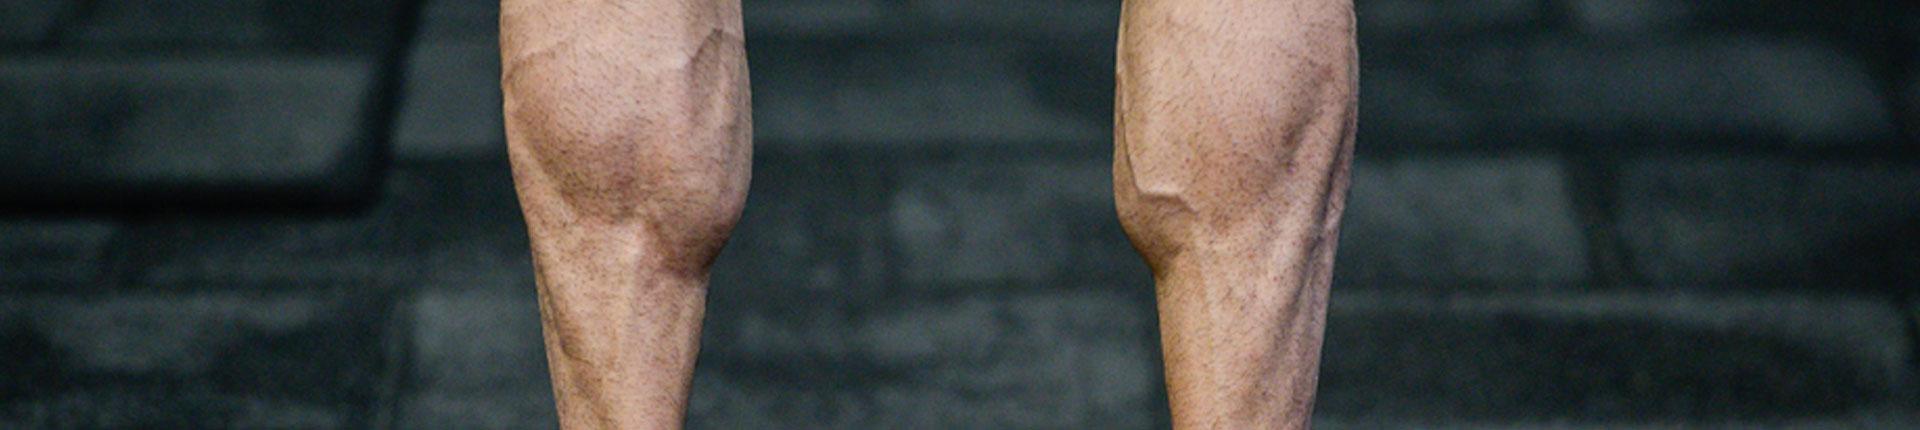 Jak trenować łydki? Jaki zakres powtórzeń wybrać?